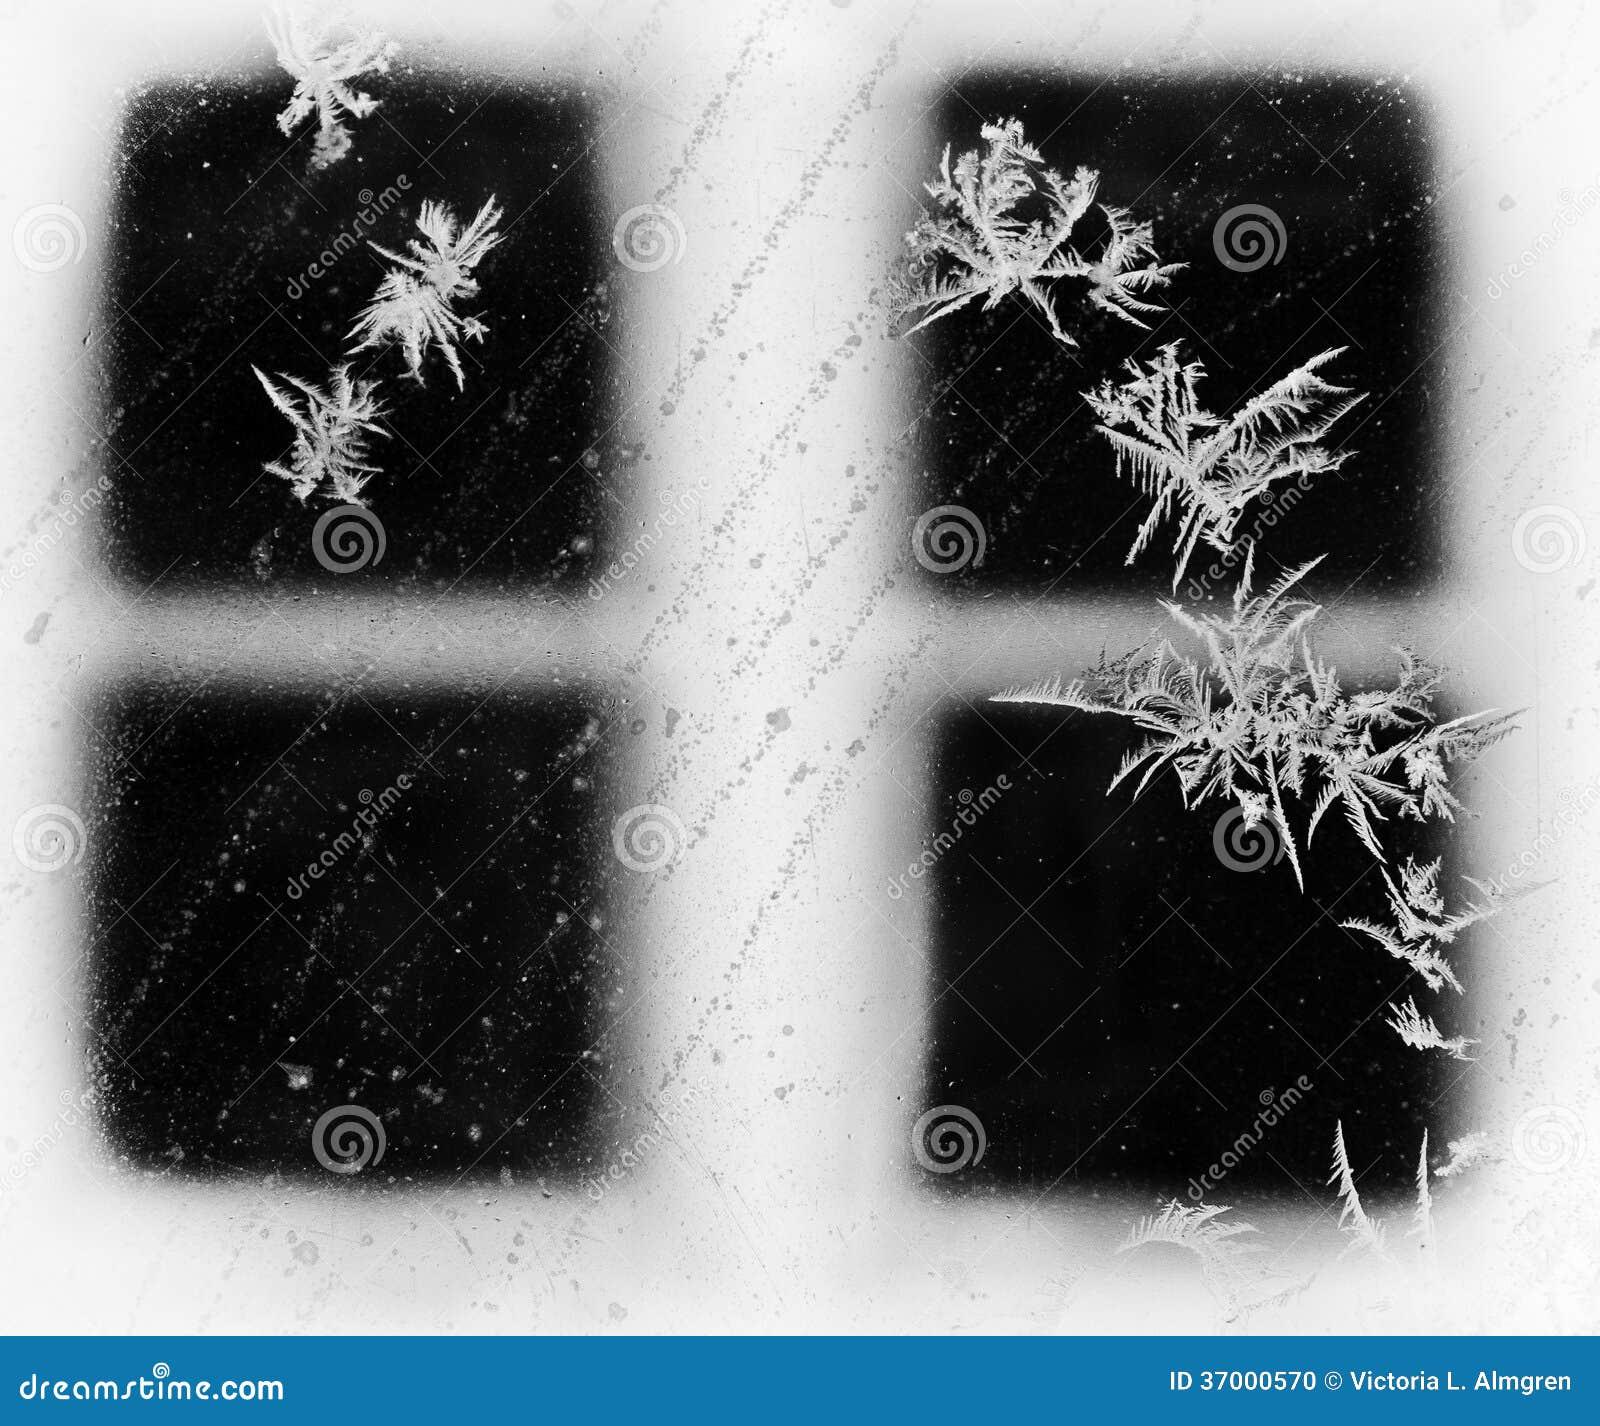 Frosty Winter Window